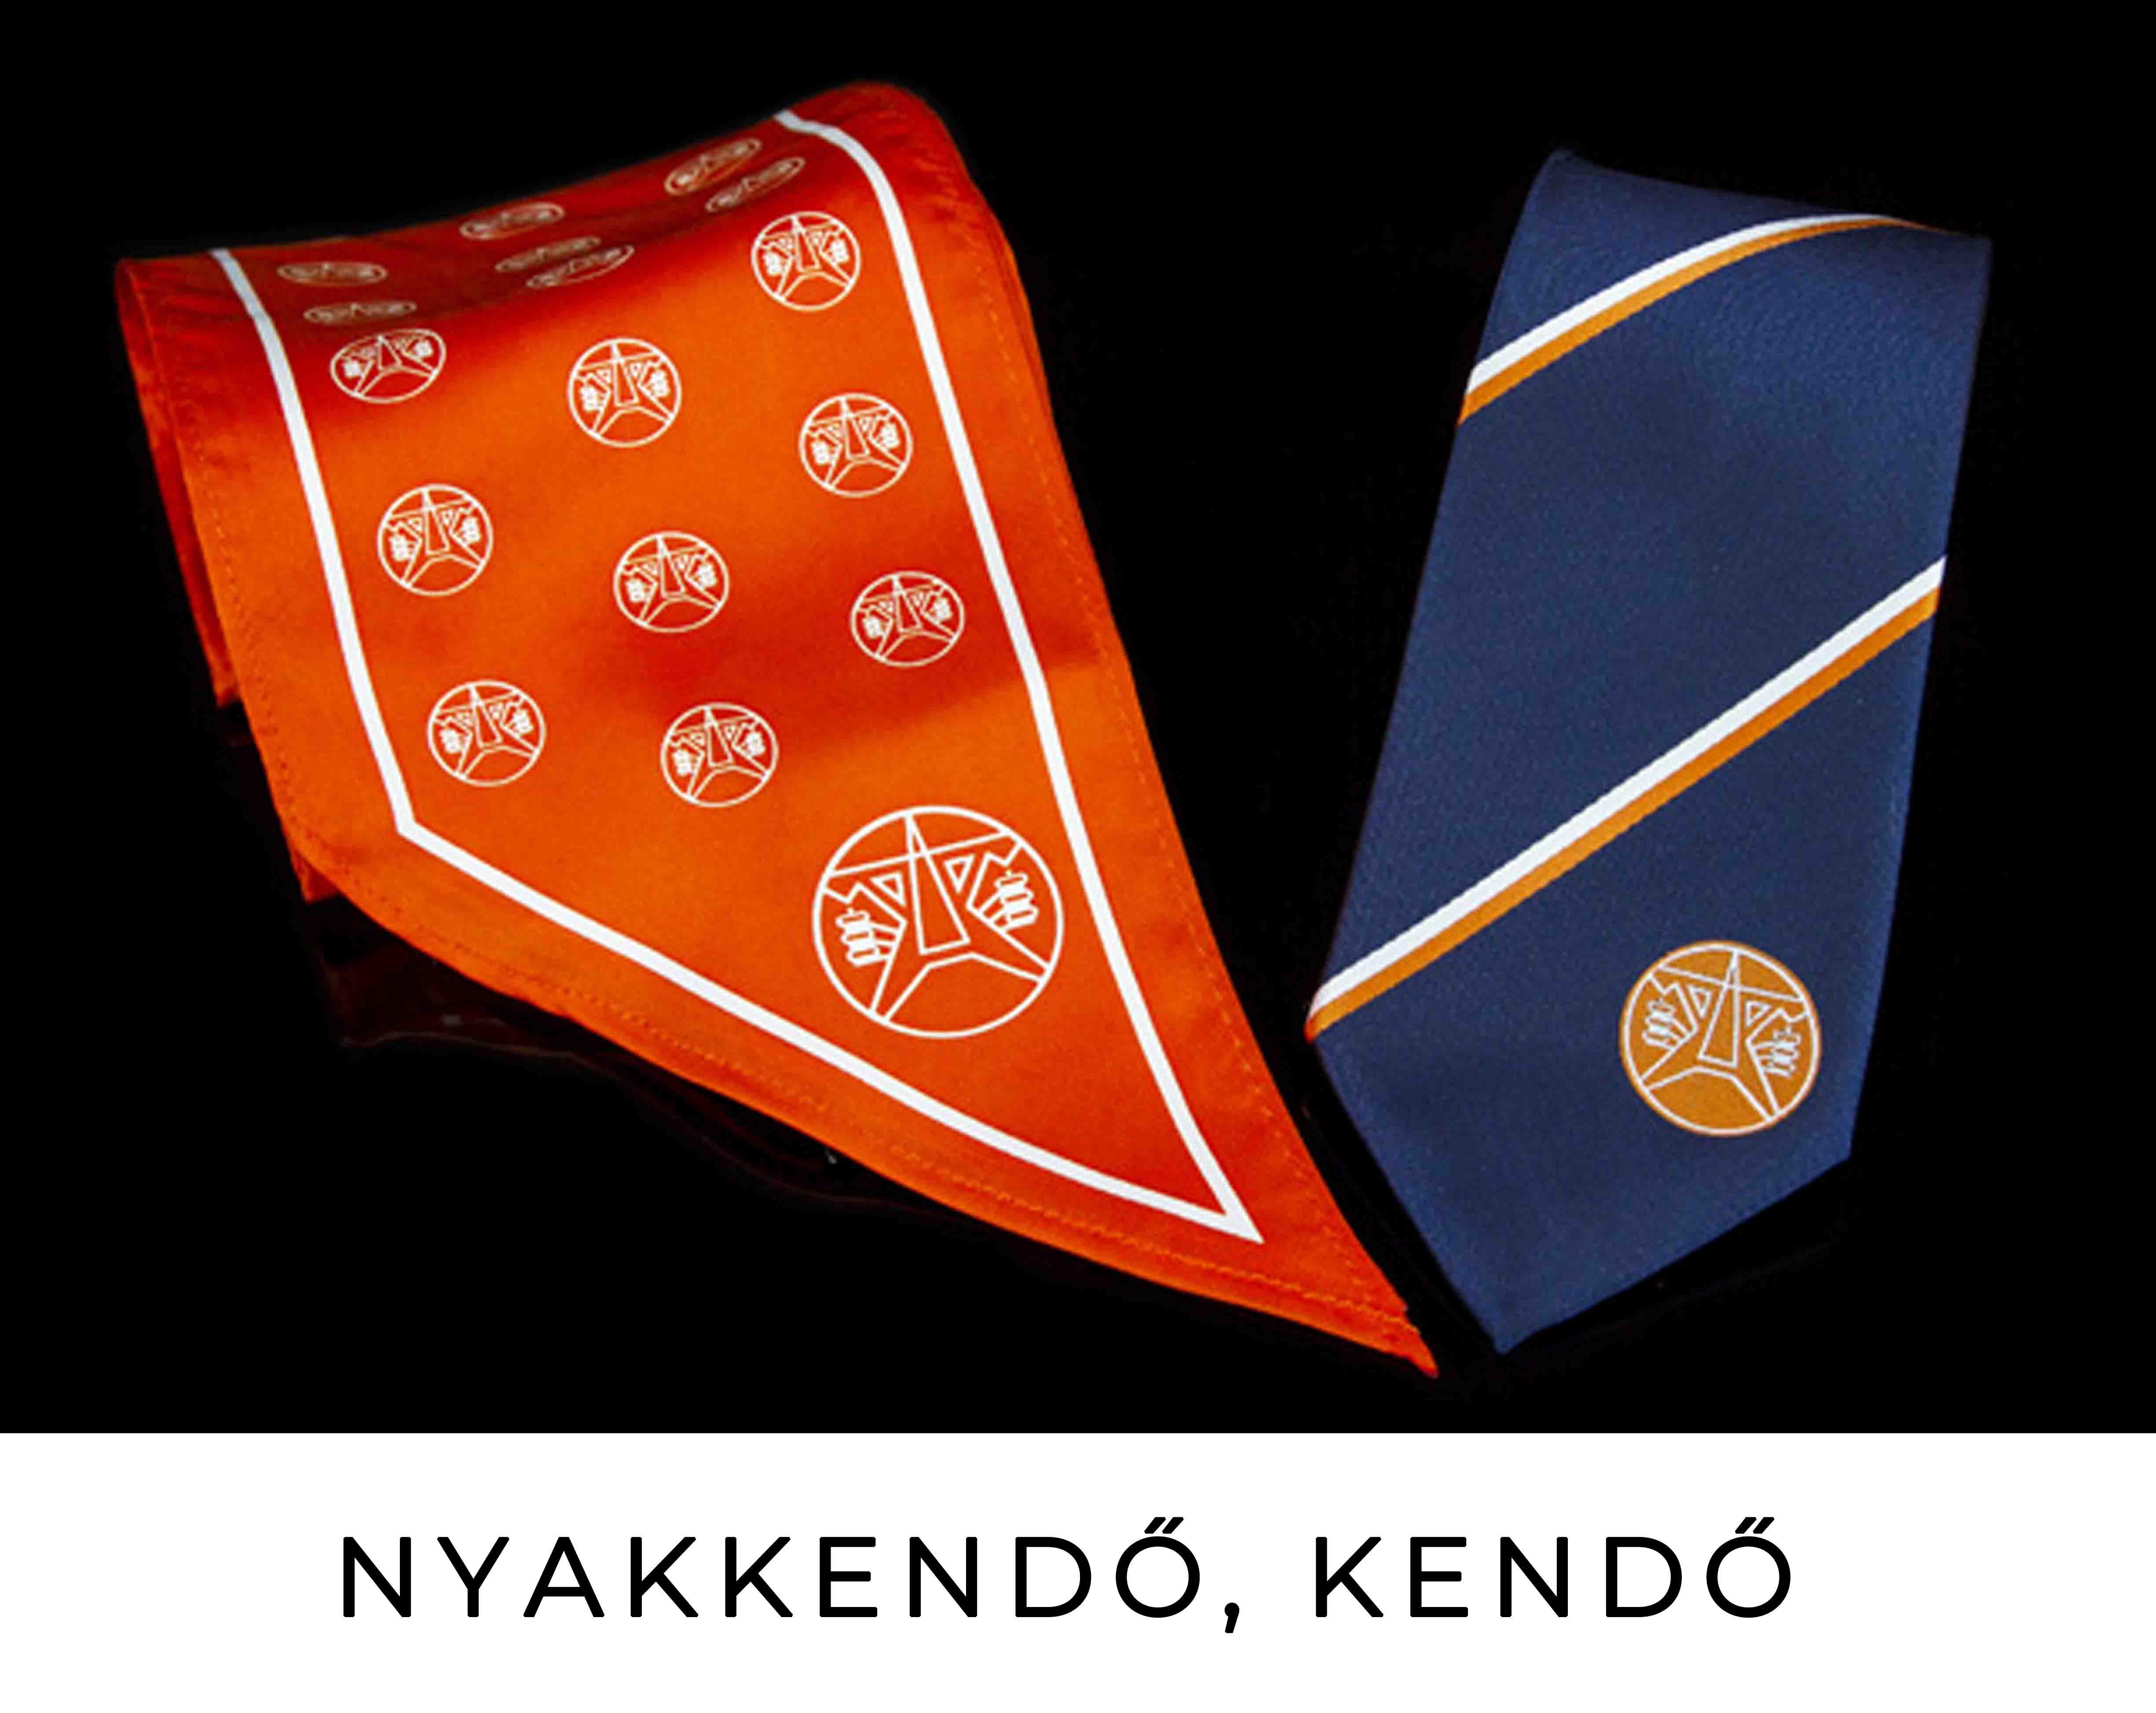 nyakkendo_kendo